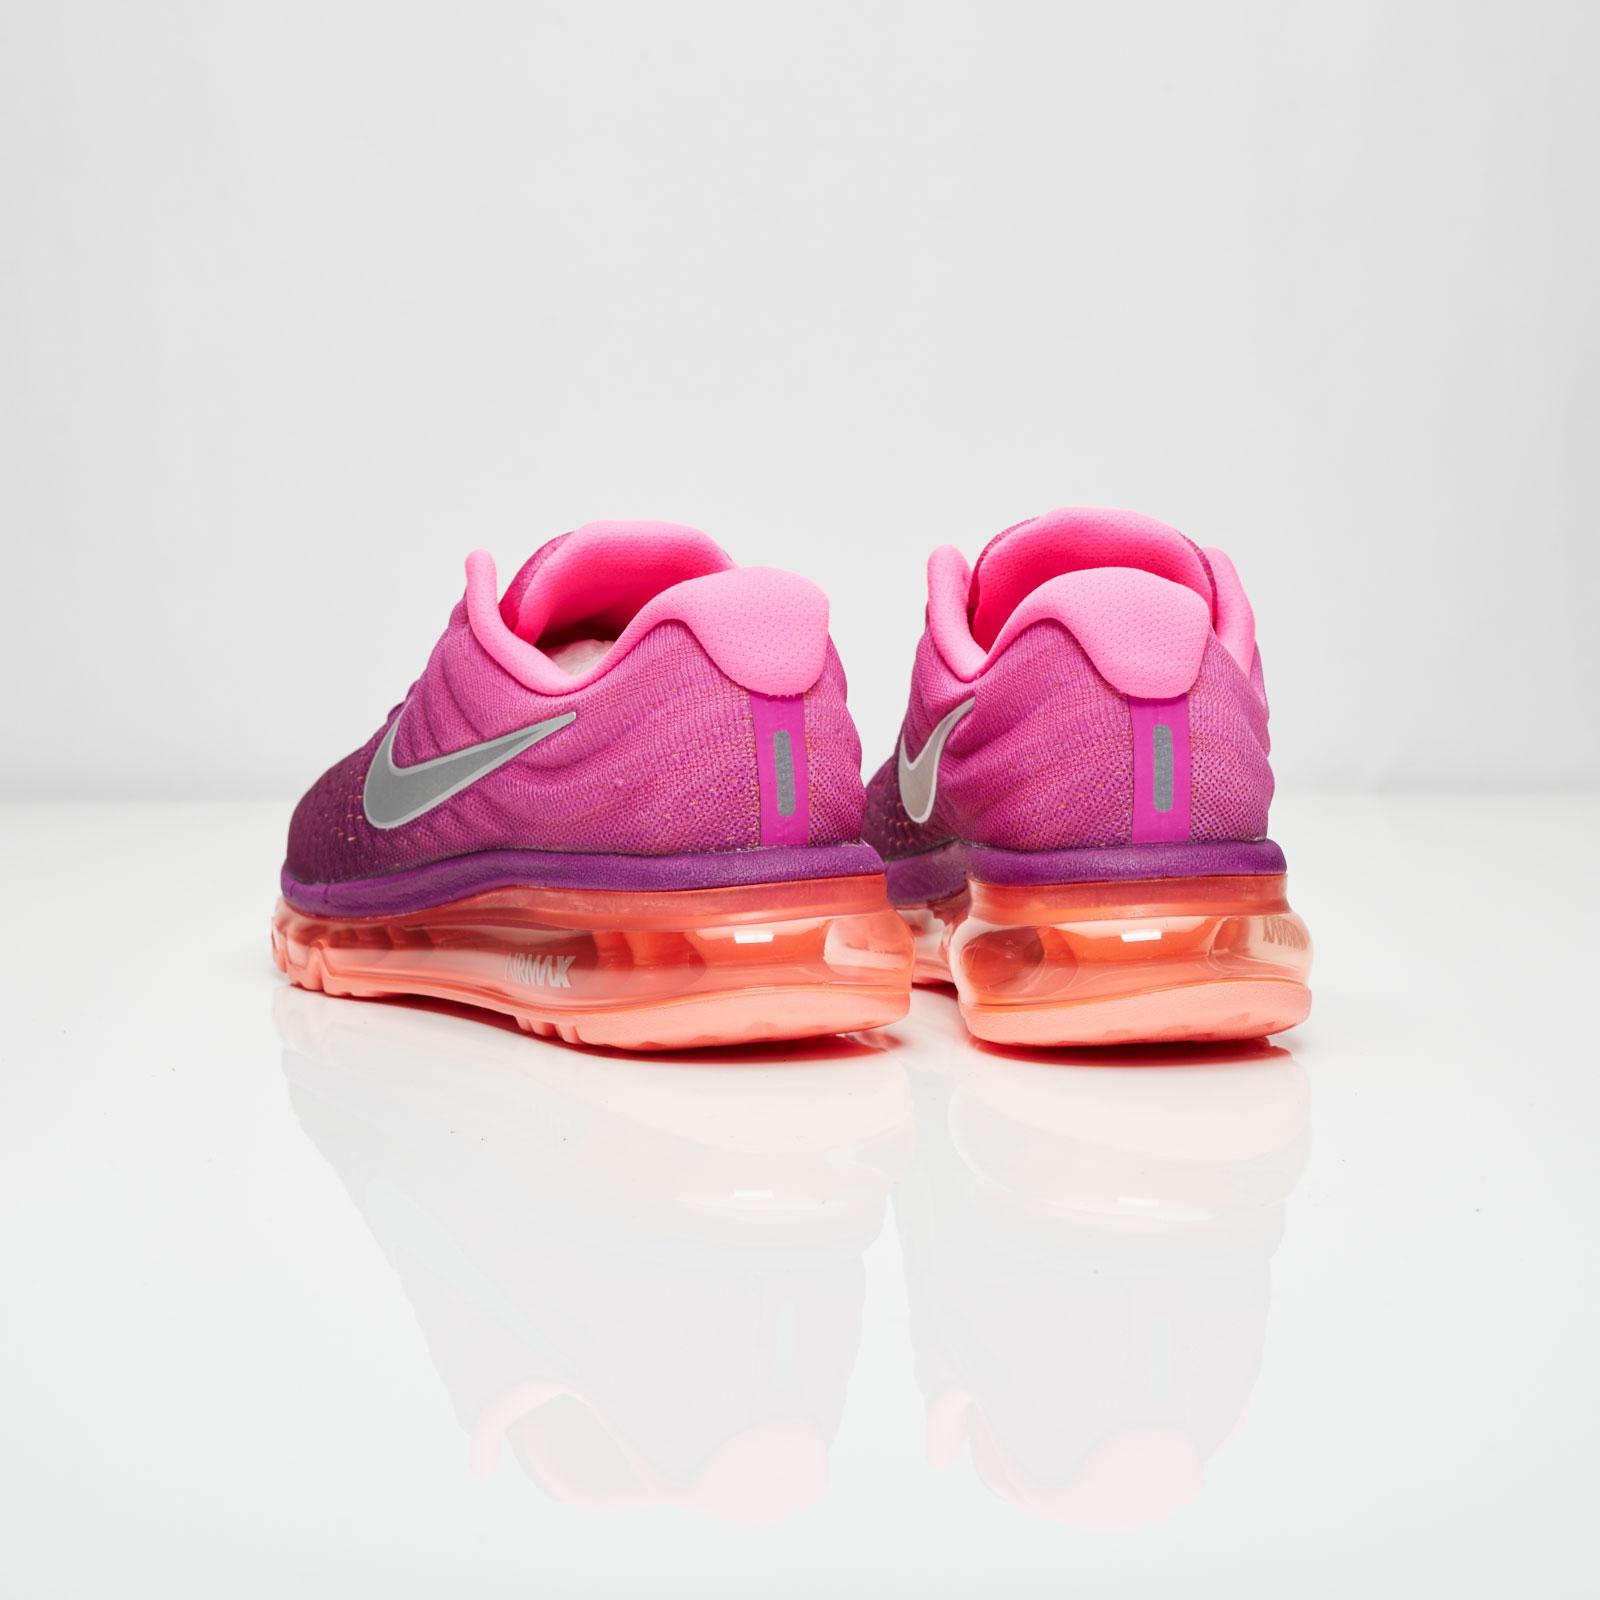 sale retailer 2087b 8bd81 Nike Wmns Air Max 2017 - 849560-502 - Sneakersnstuff   sneakers    streetwear online since 1999